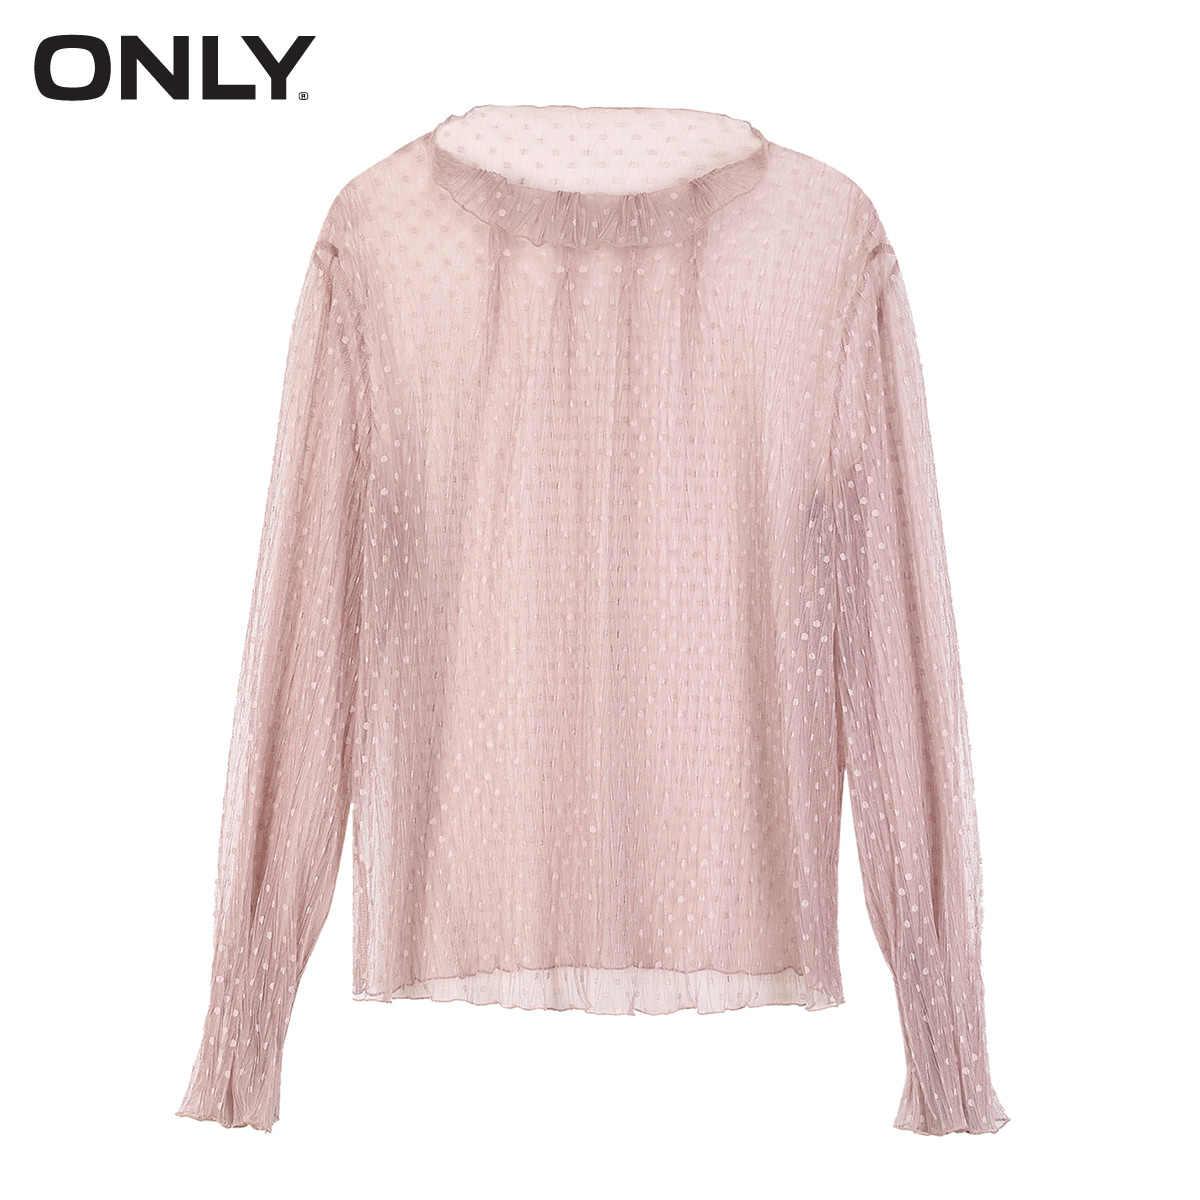 女性だけのモックネックパフスリーブポルカドットシースルー Tシャツ   118302517